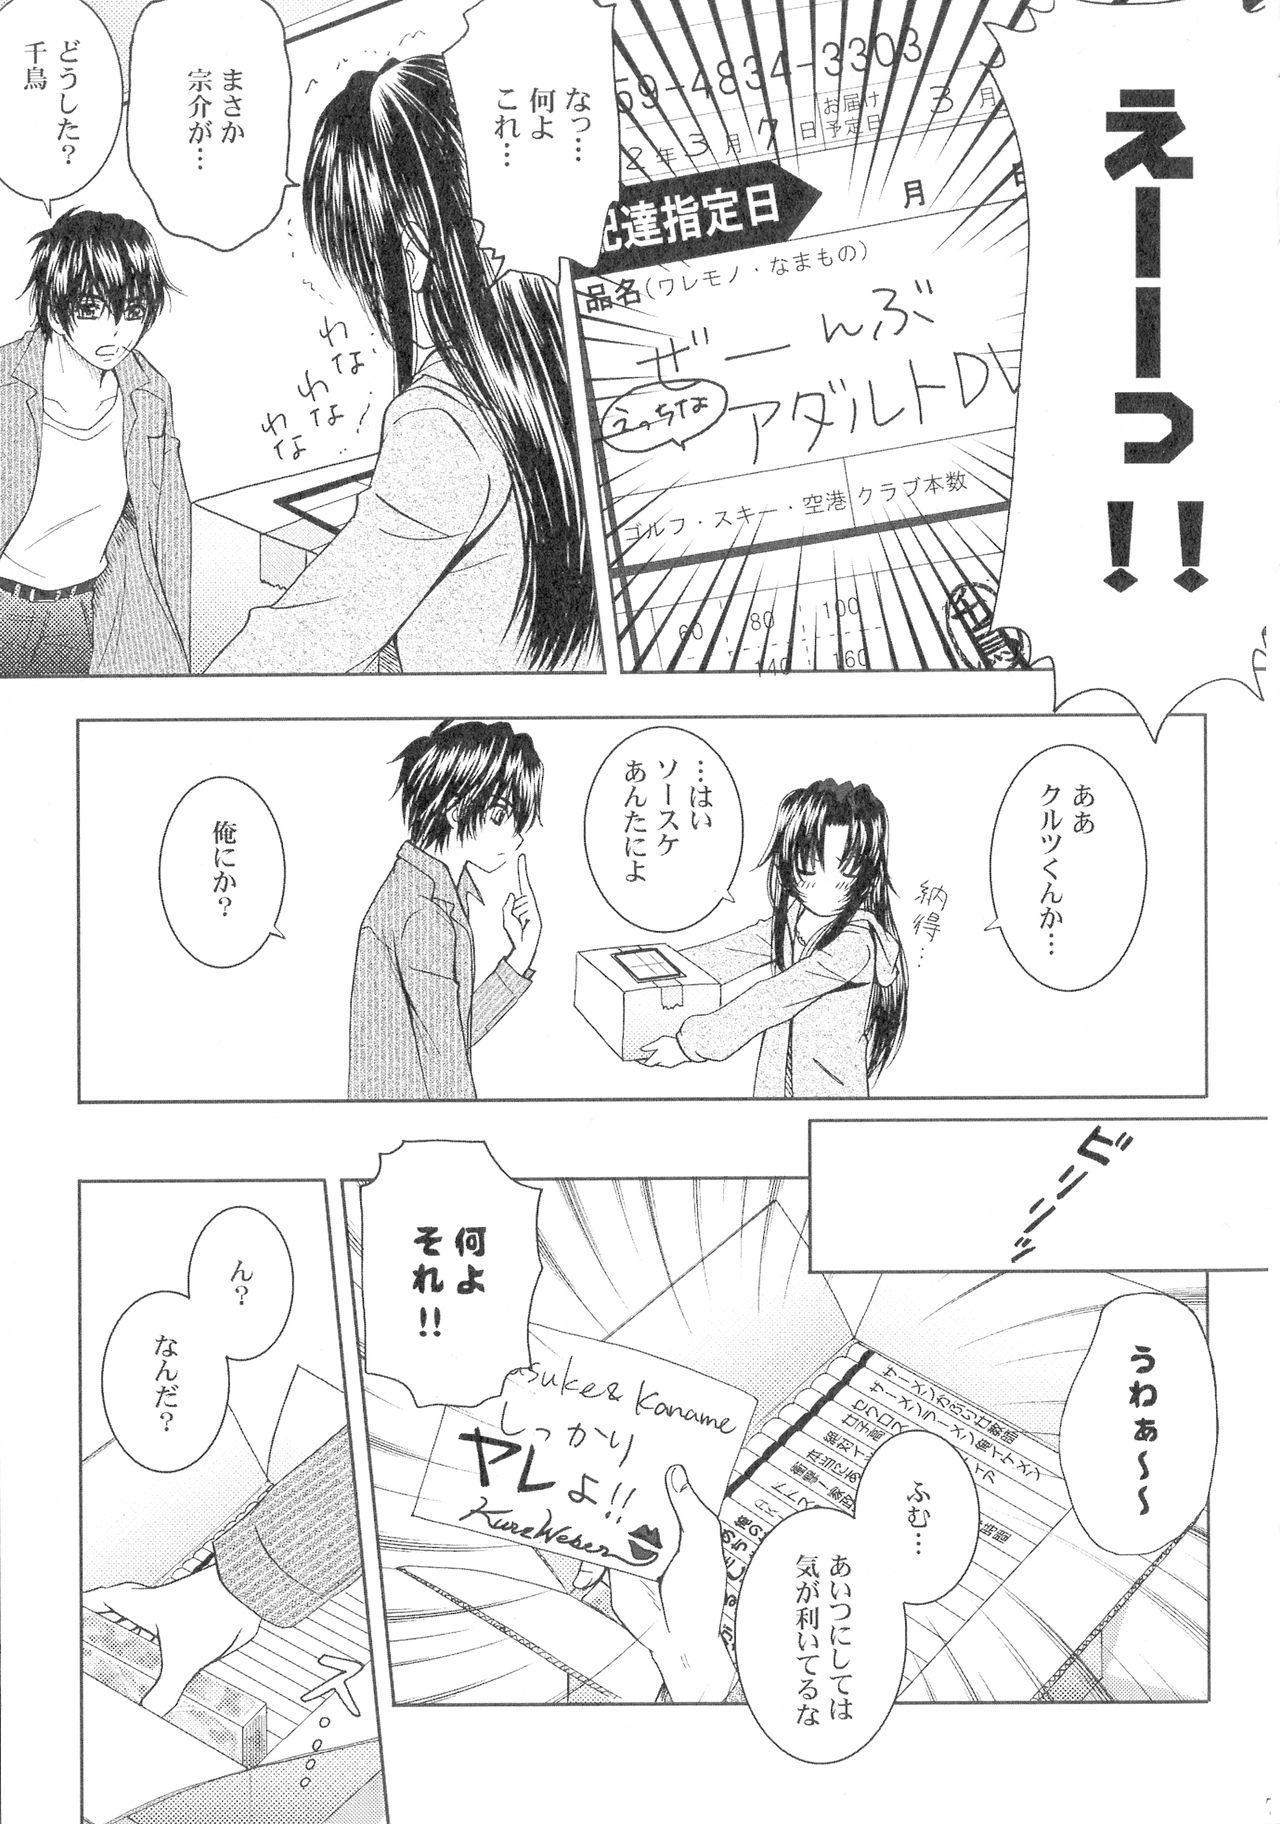 SEXY PANIC Sairoku-shuu VOL.3 6